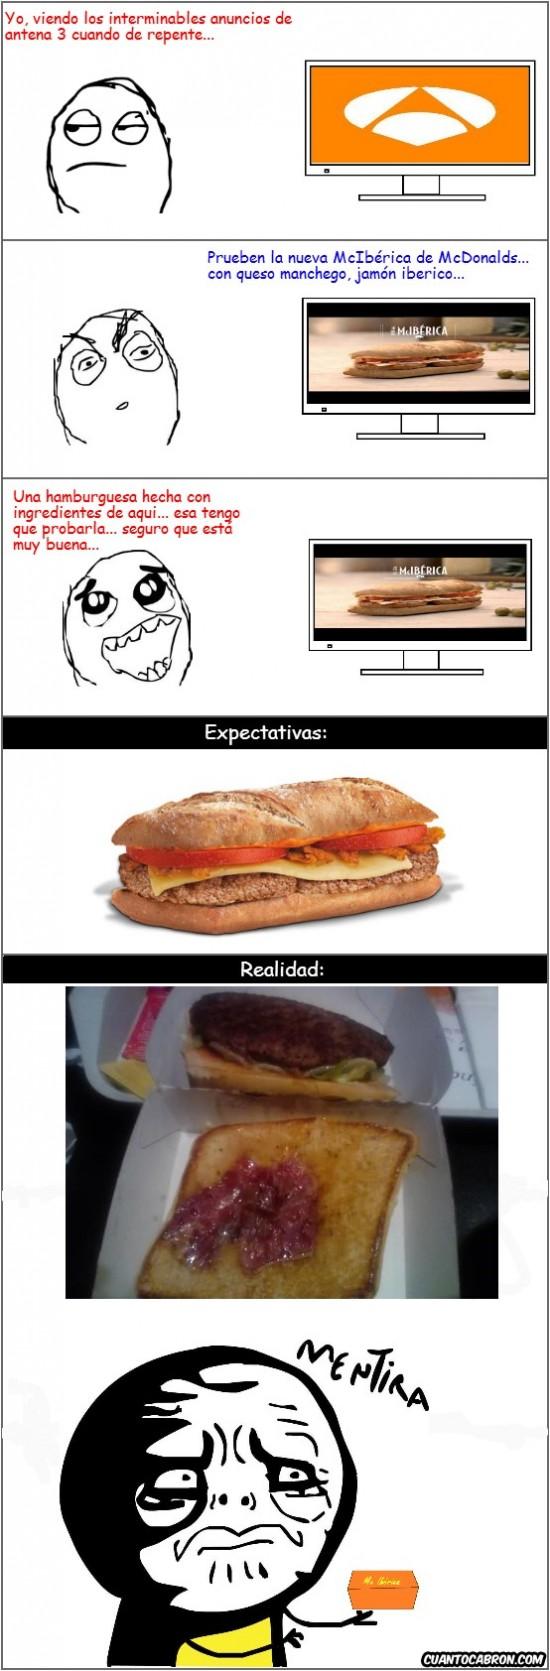 Mentira - Photoshop en los anuncios de Mcdonalds